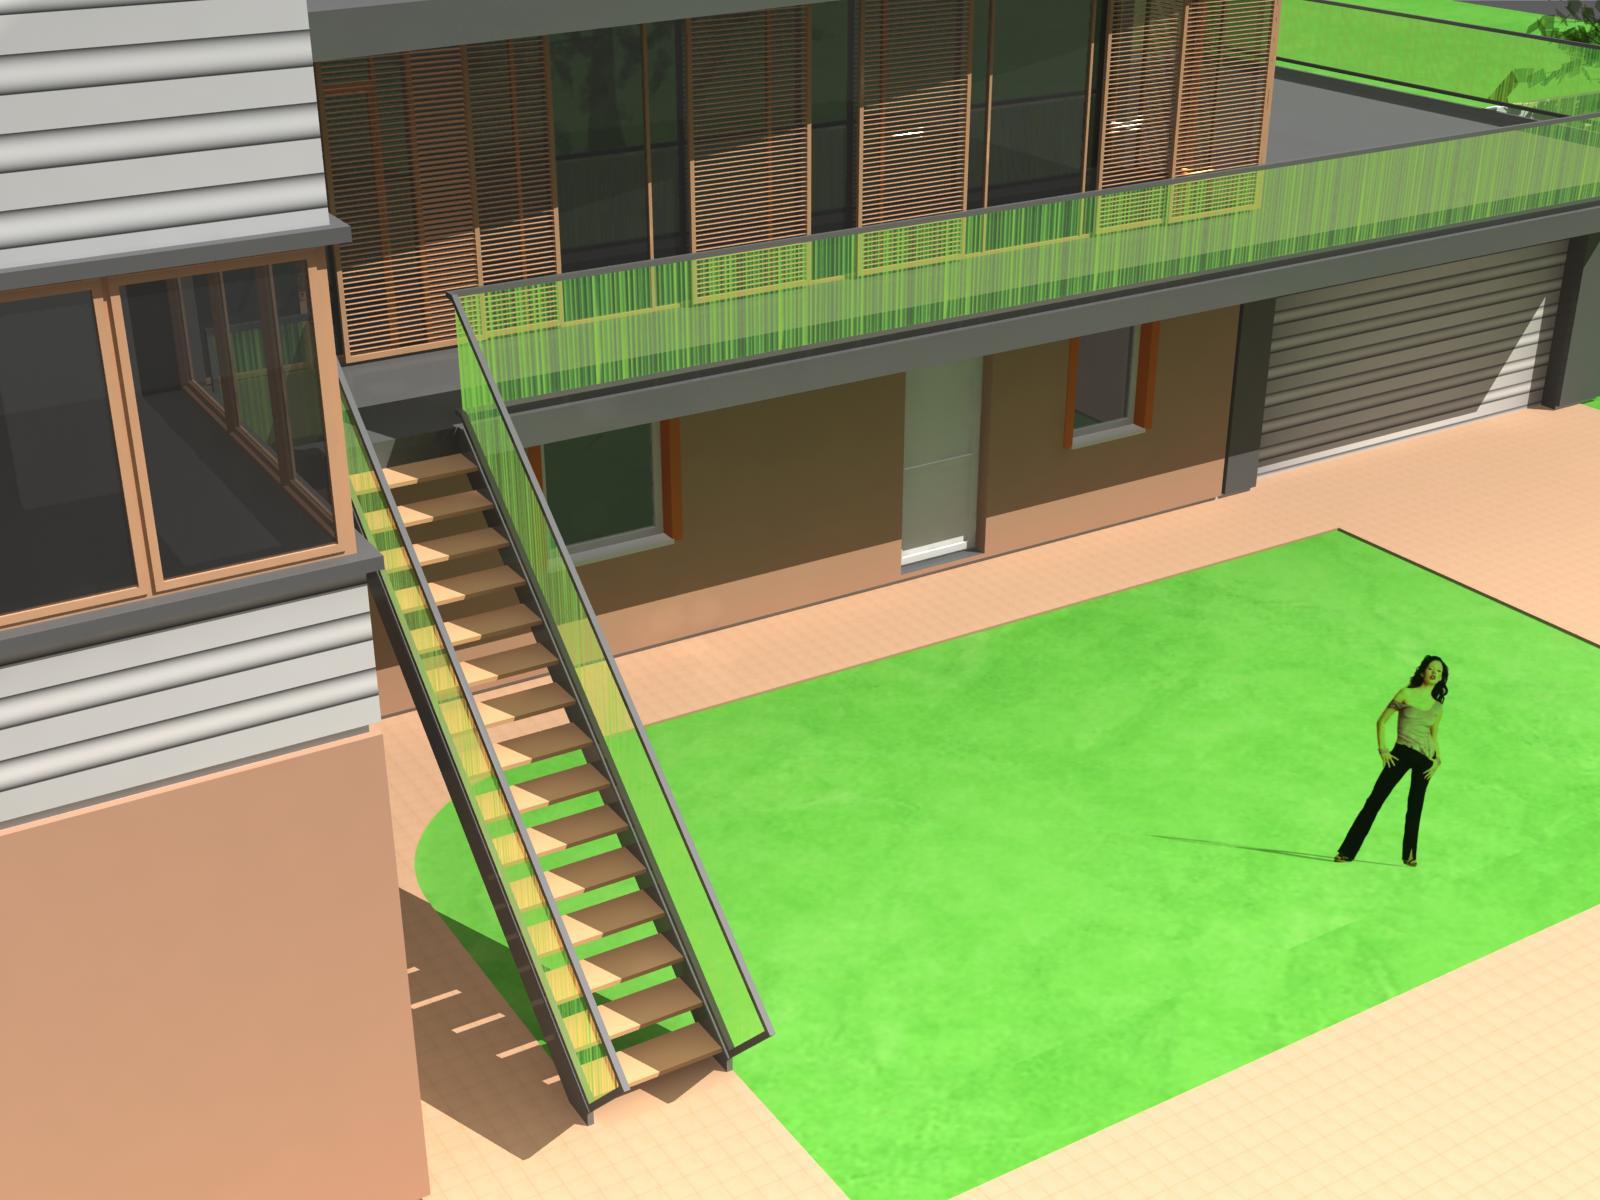 Projekt stavby rodinného domu I 04